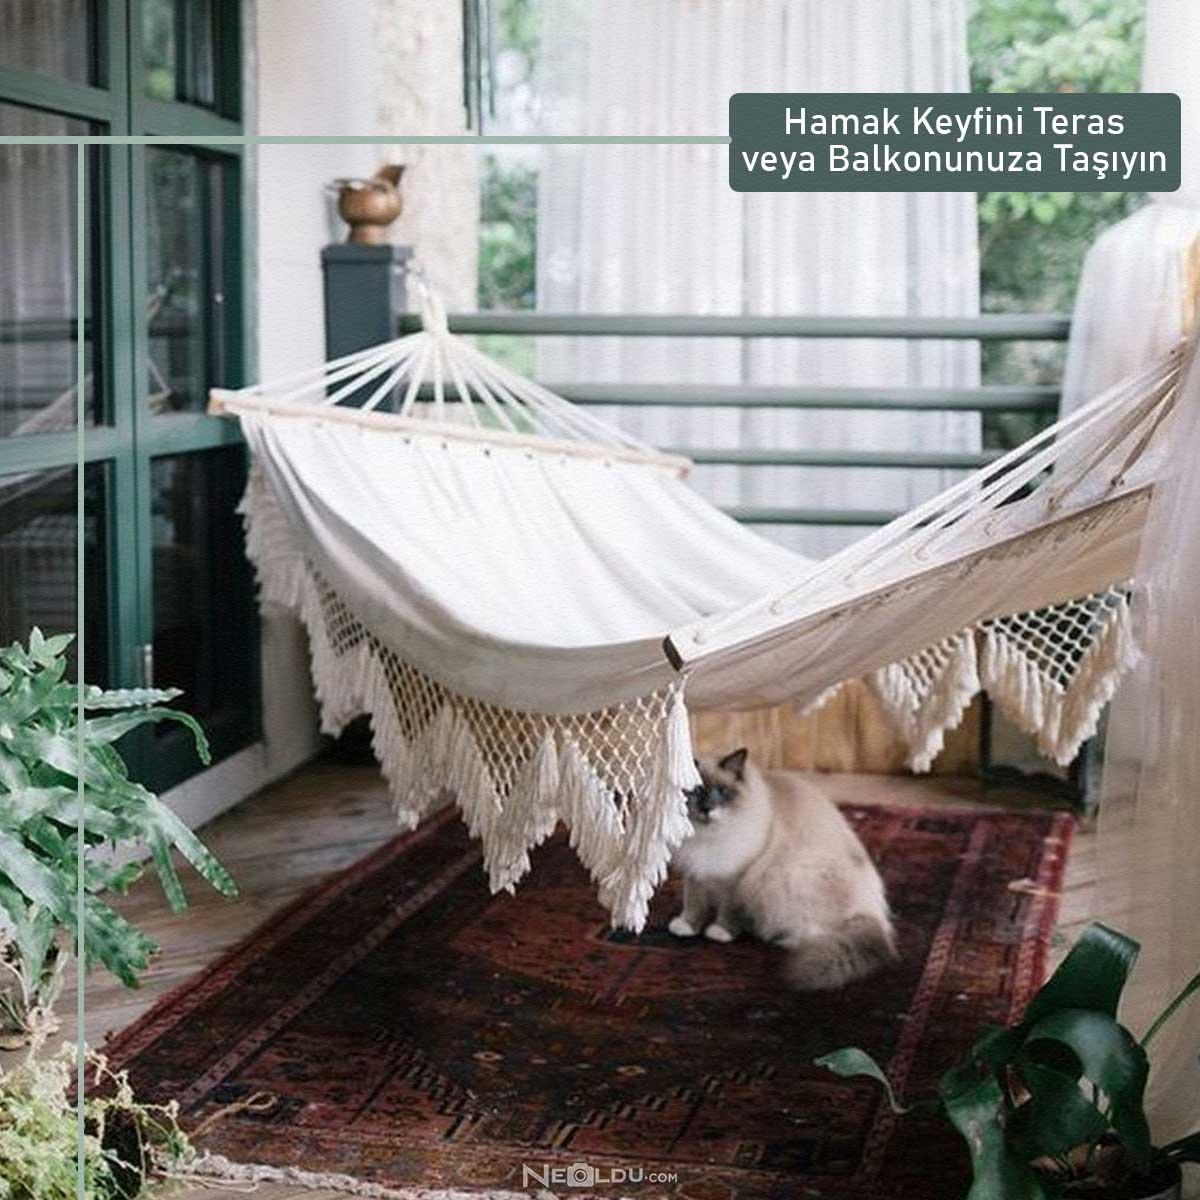 hamak-keyfini-teras-veya-balkonunuza-tasiyin.jpg